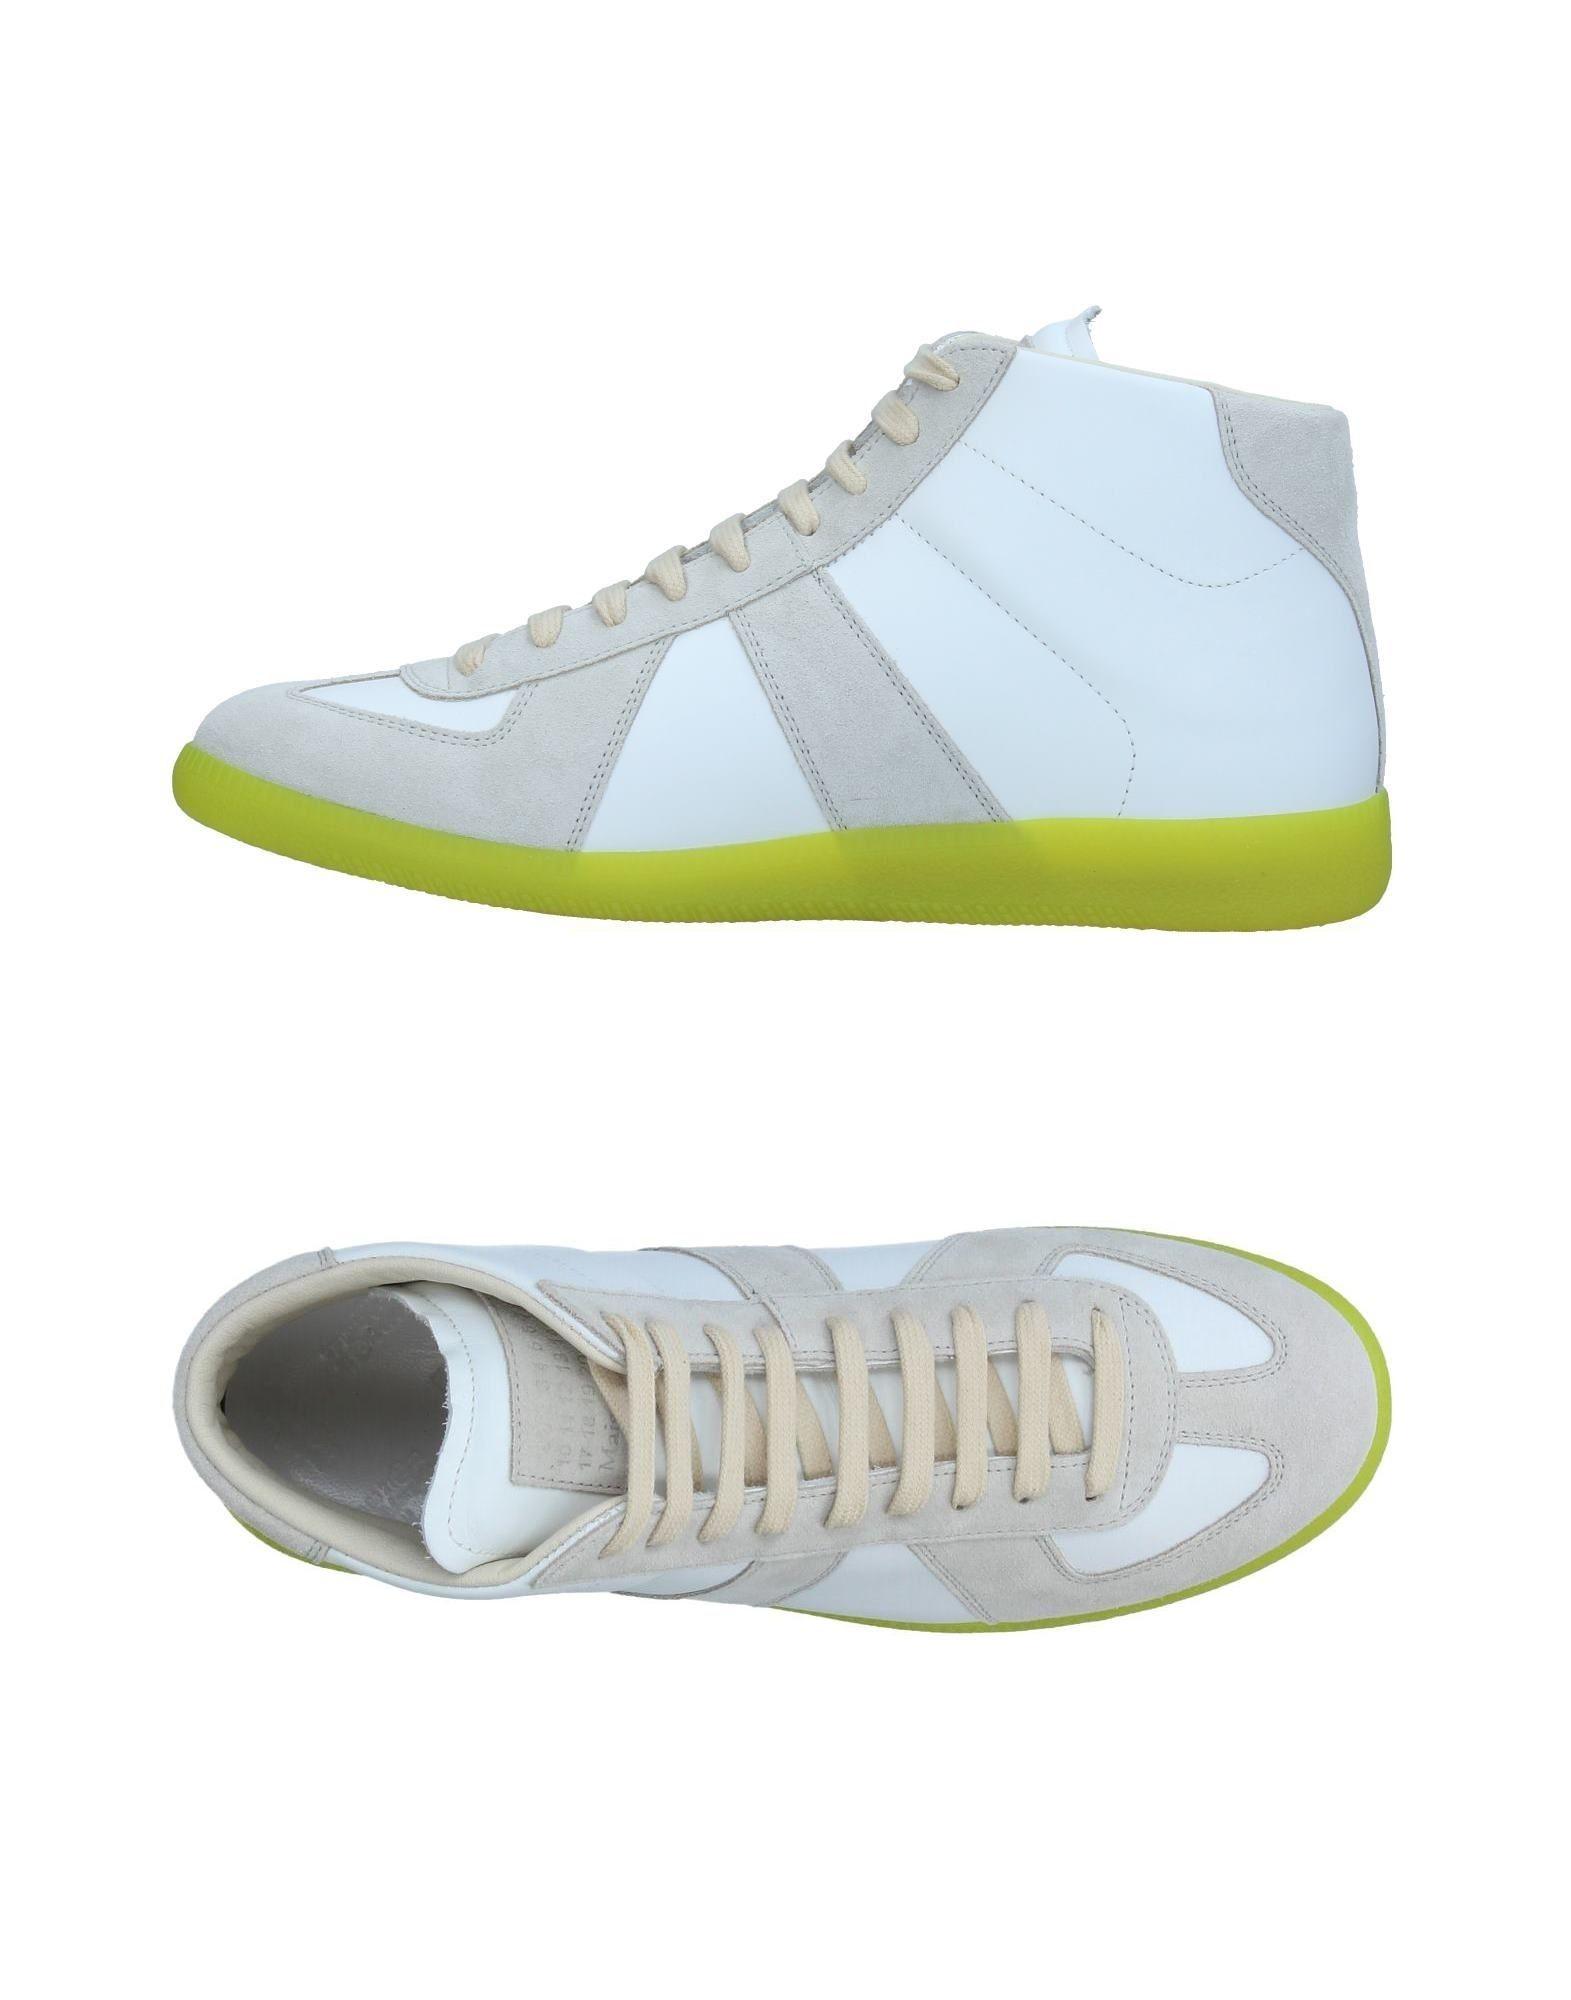 Maison Margiela Sneakers Herren  11353693IM Gute Qualität beliebte Schuhe